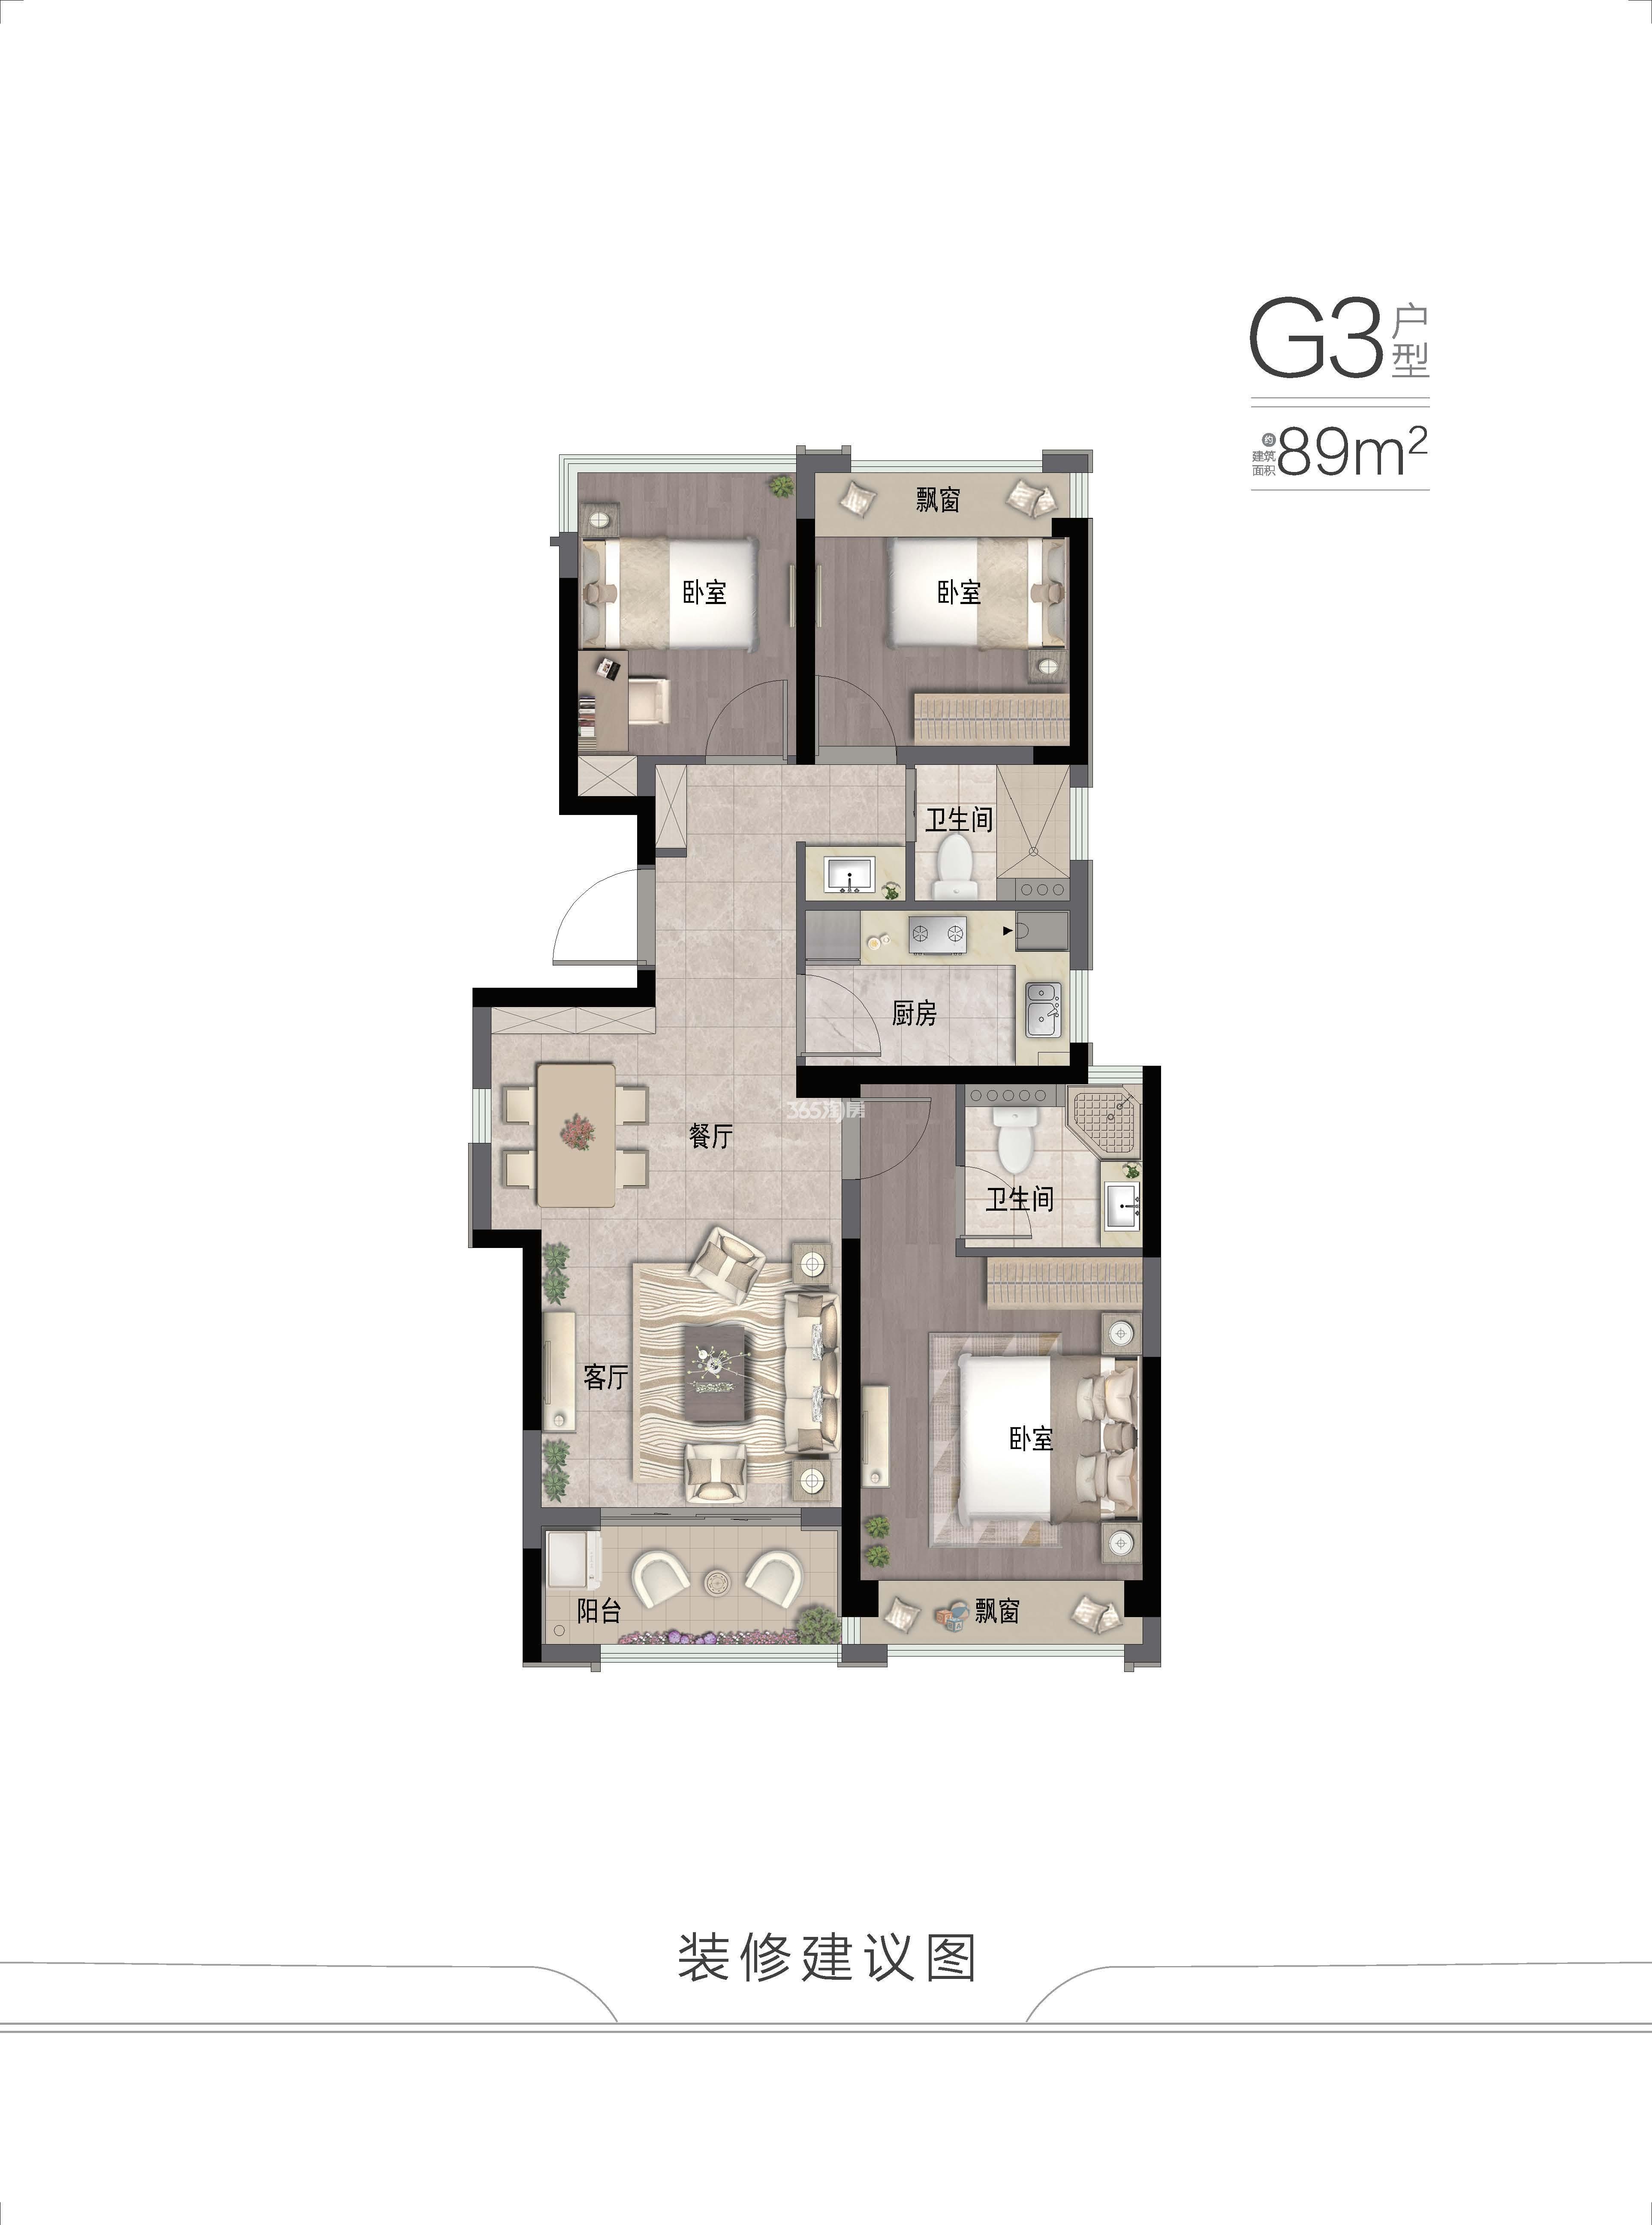 世宸名府高层G3户型89方装修建议图